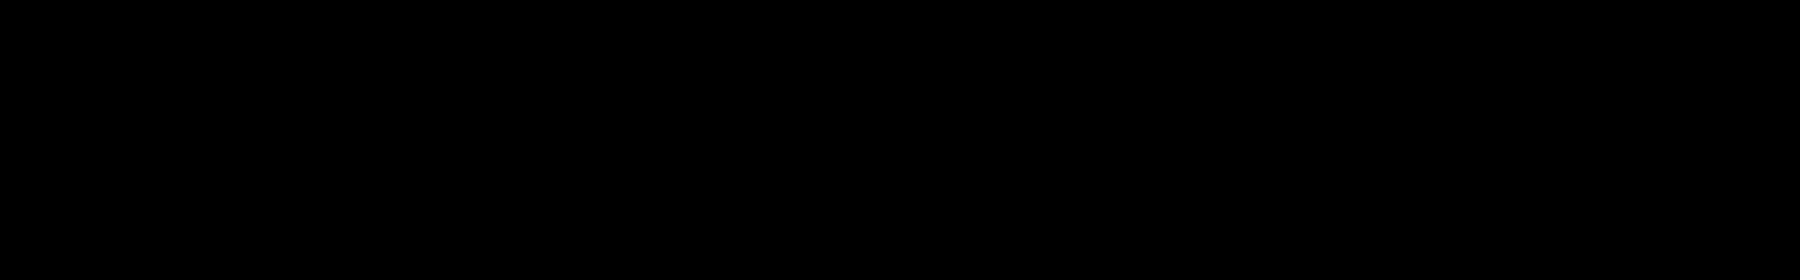 Trapocalypse audio waveform